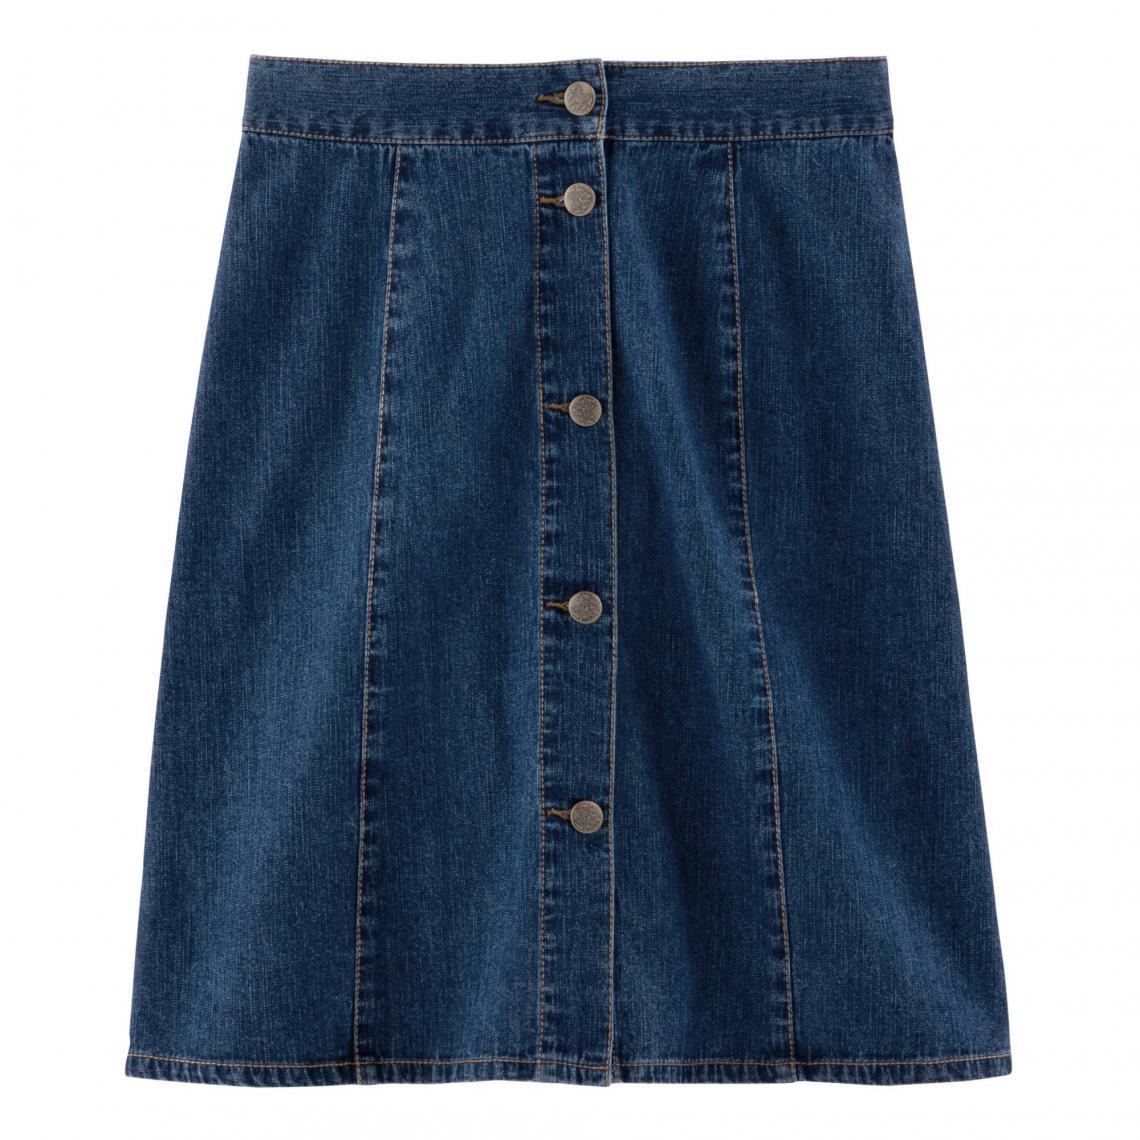 100bcd60a2f2ba Jupe en jean trapèze boutonnée denim femme - Bleu | 3 SUISSES